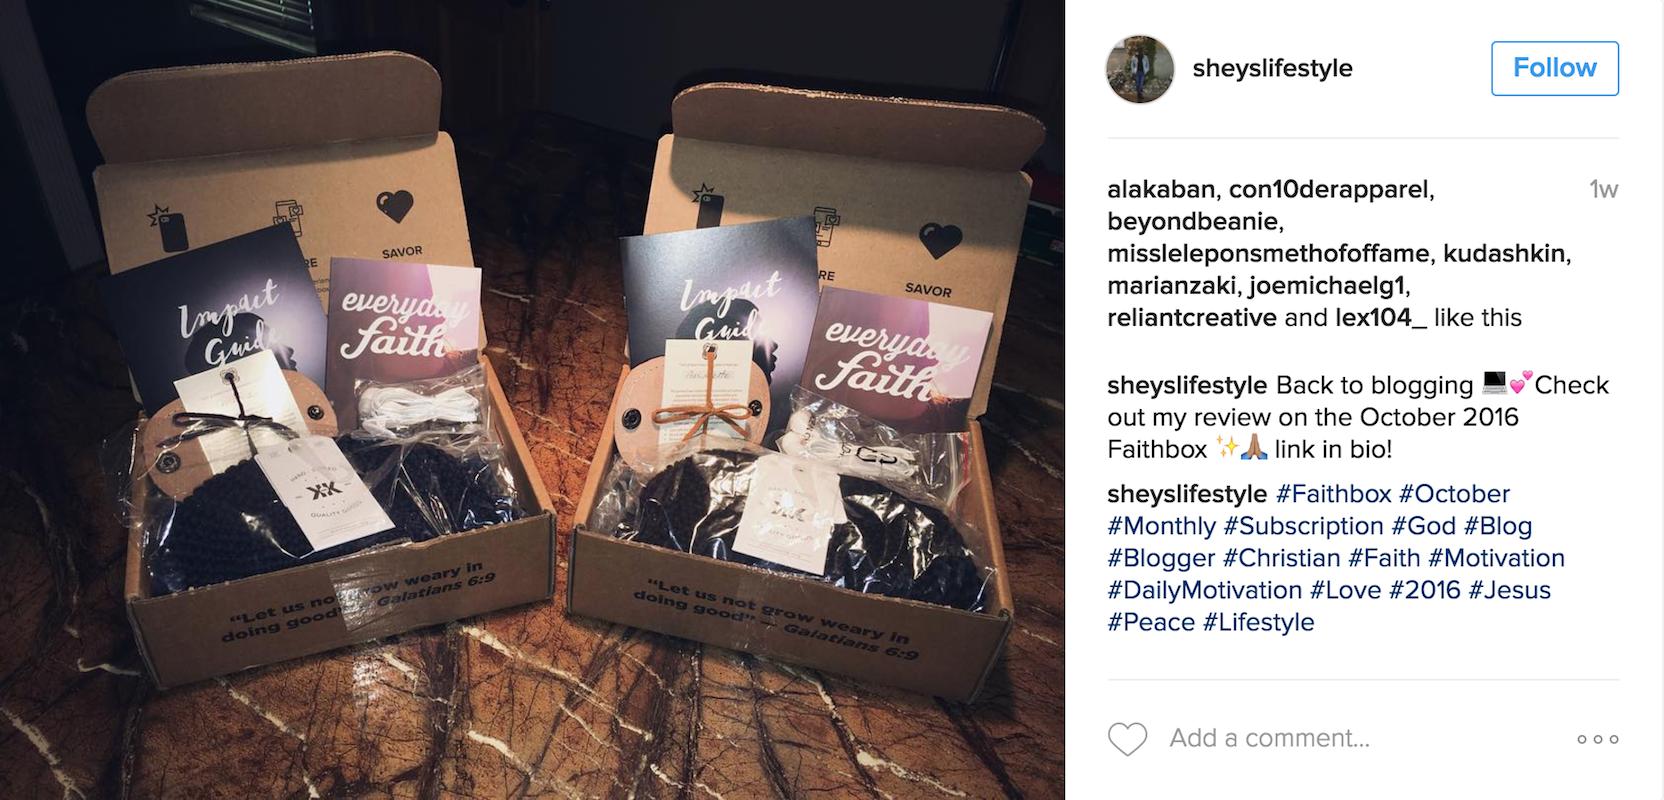 Join our community on Instagram and use #Faithbox & Faithbox - Faithbox A Monthly Christian Subscription Box